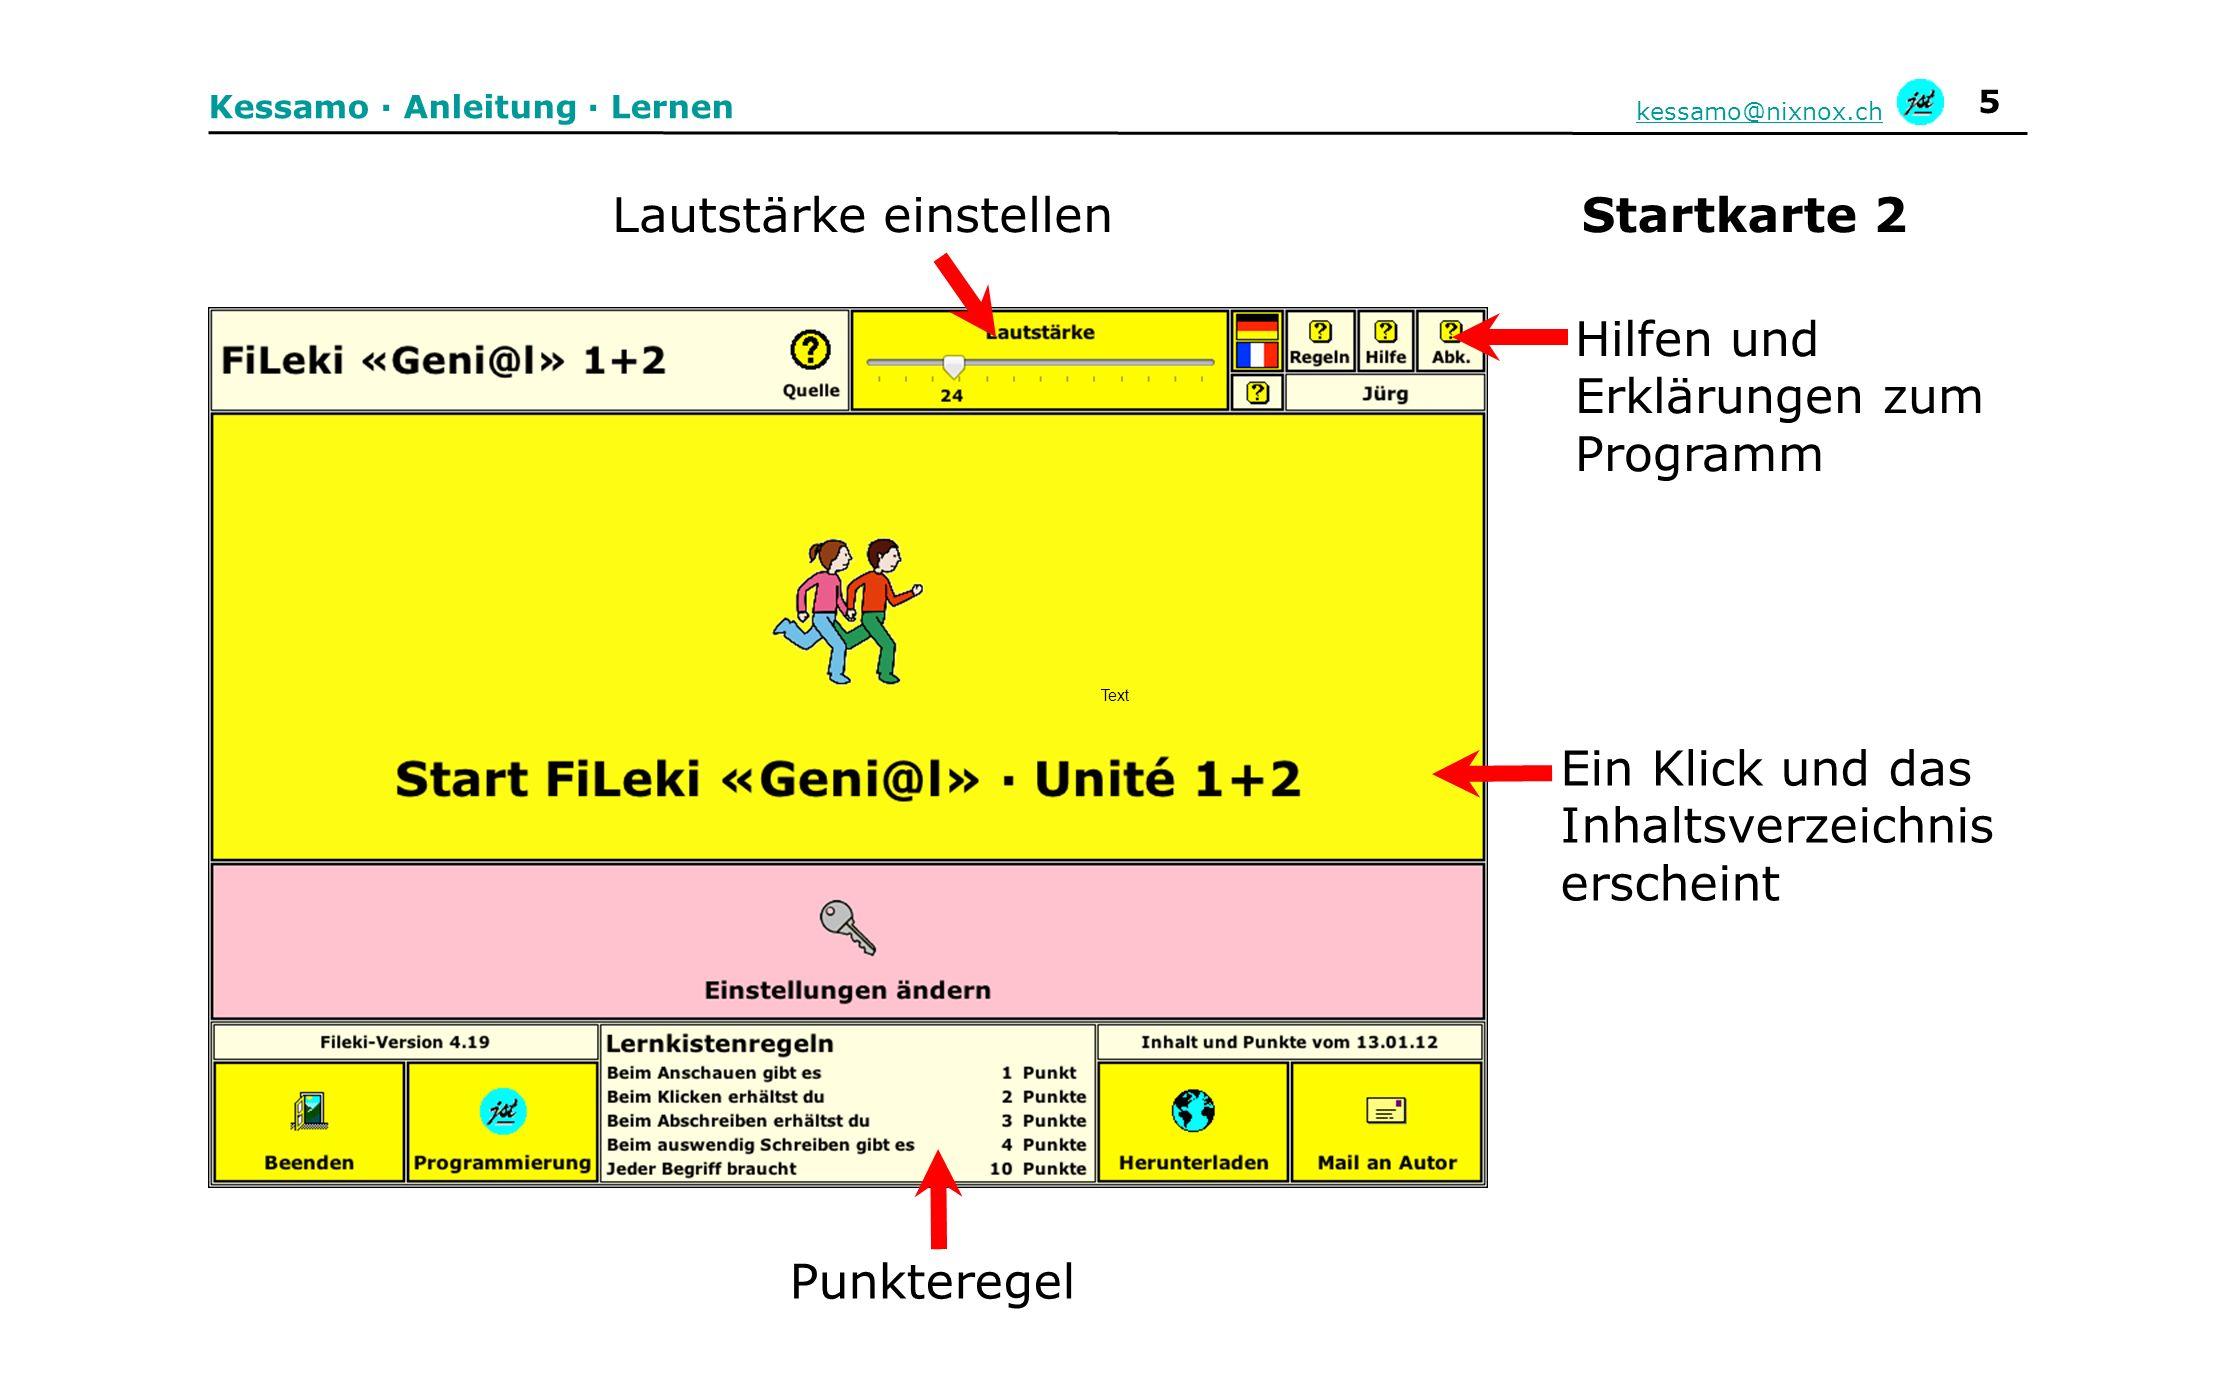 5 Kessamo · Anleitung · Lernen kessamo@nixnox.ch Punkteregel Hilfen und Erklärungen zum Programm Ein Klick und das Inhaltsverzeichnis erscheint Startk